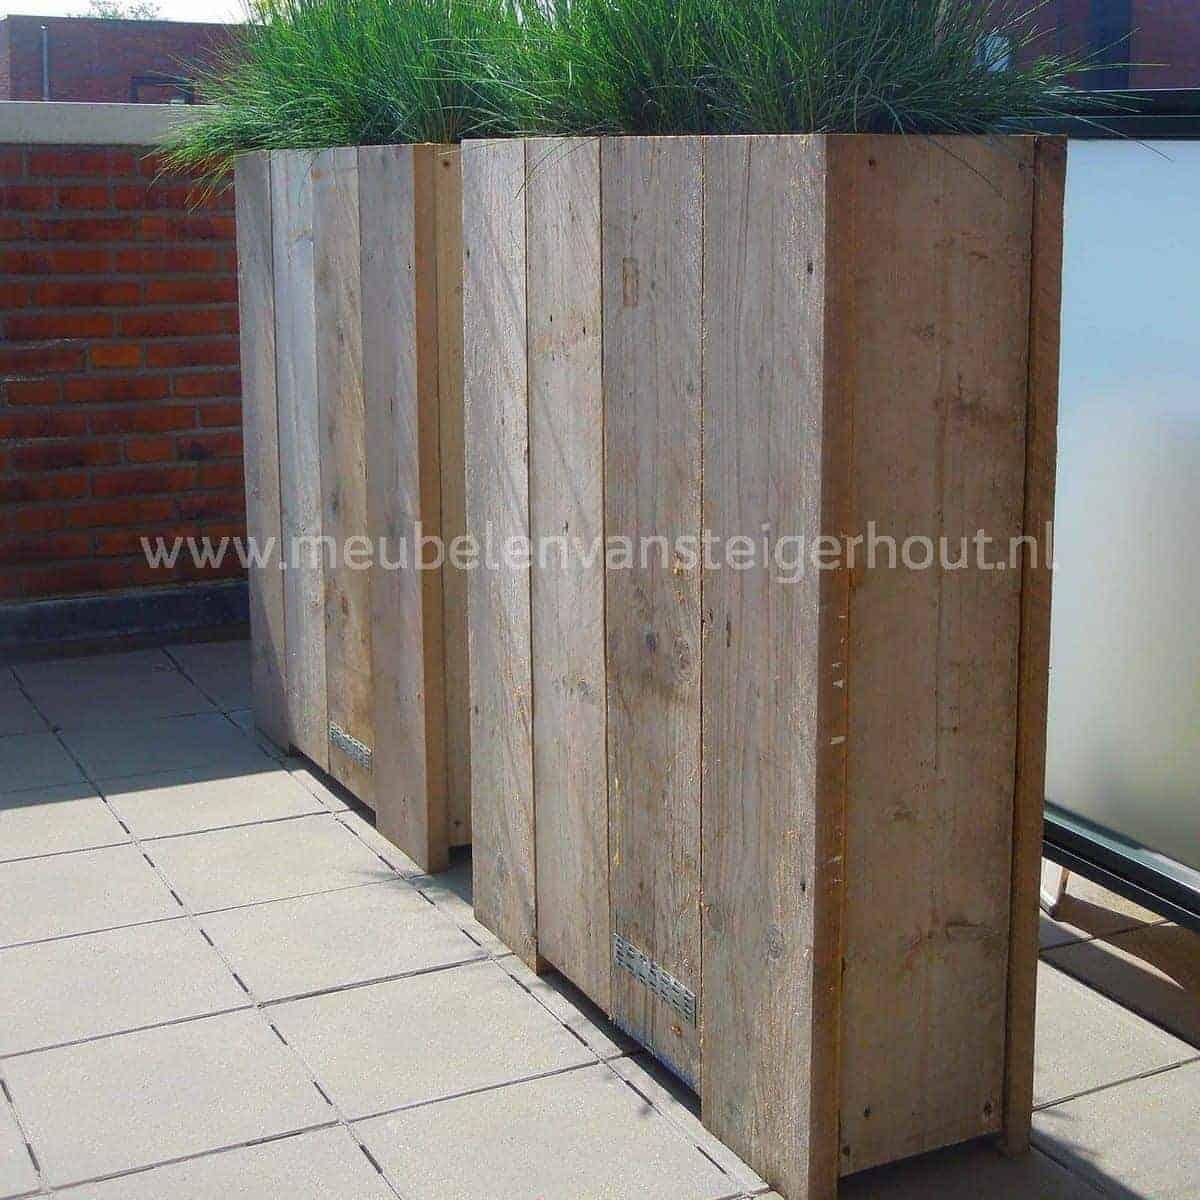 Plantenbak steigerhout bak 1 meubelen van steigerhout - Buiten image outs ...